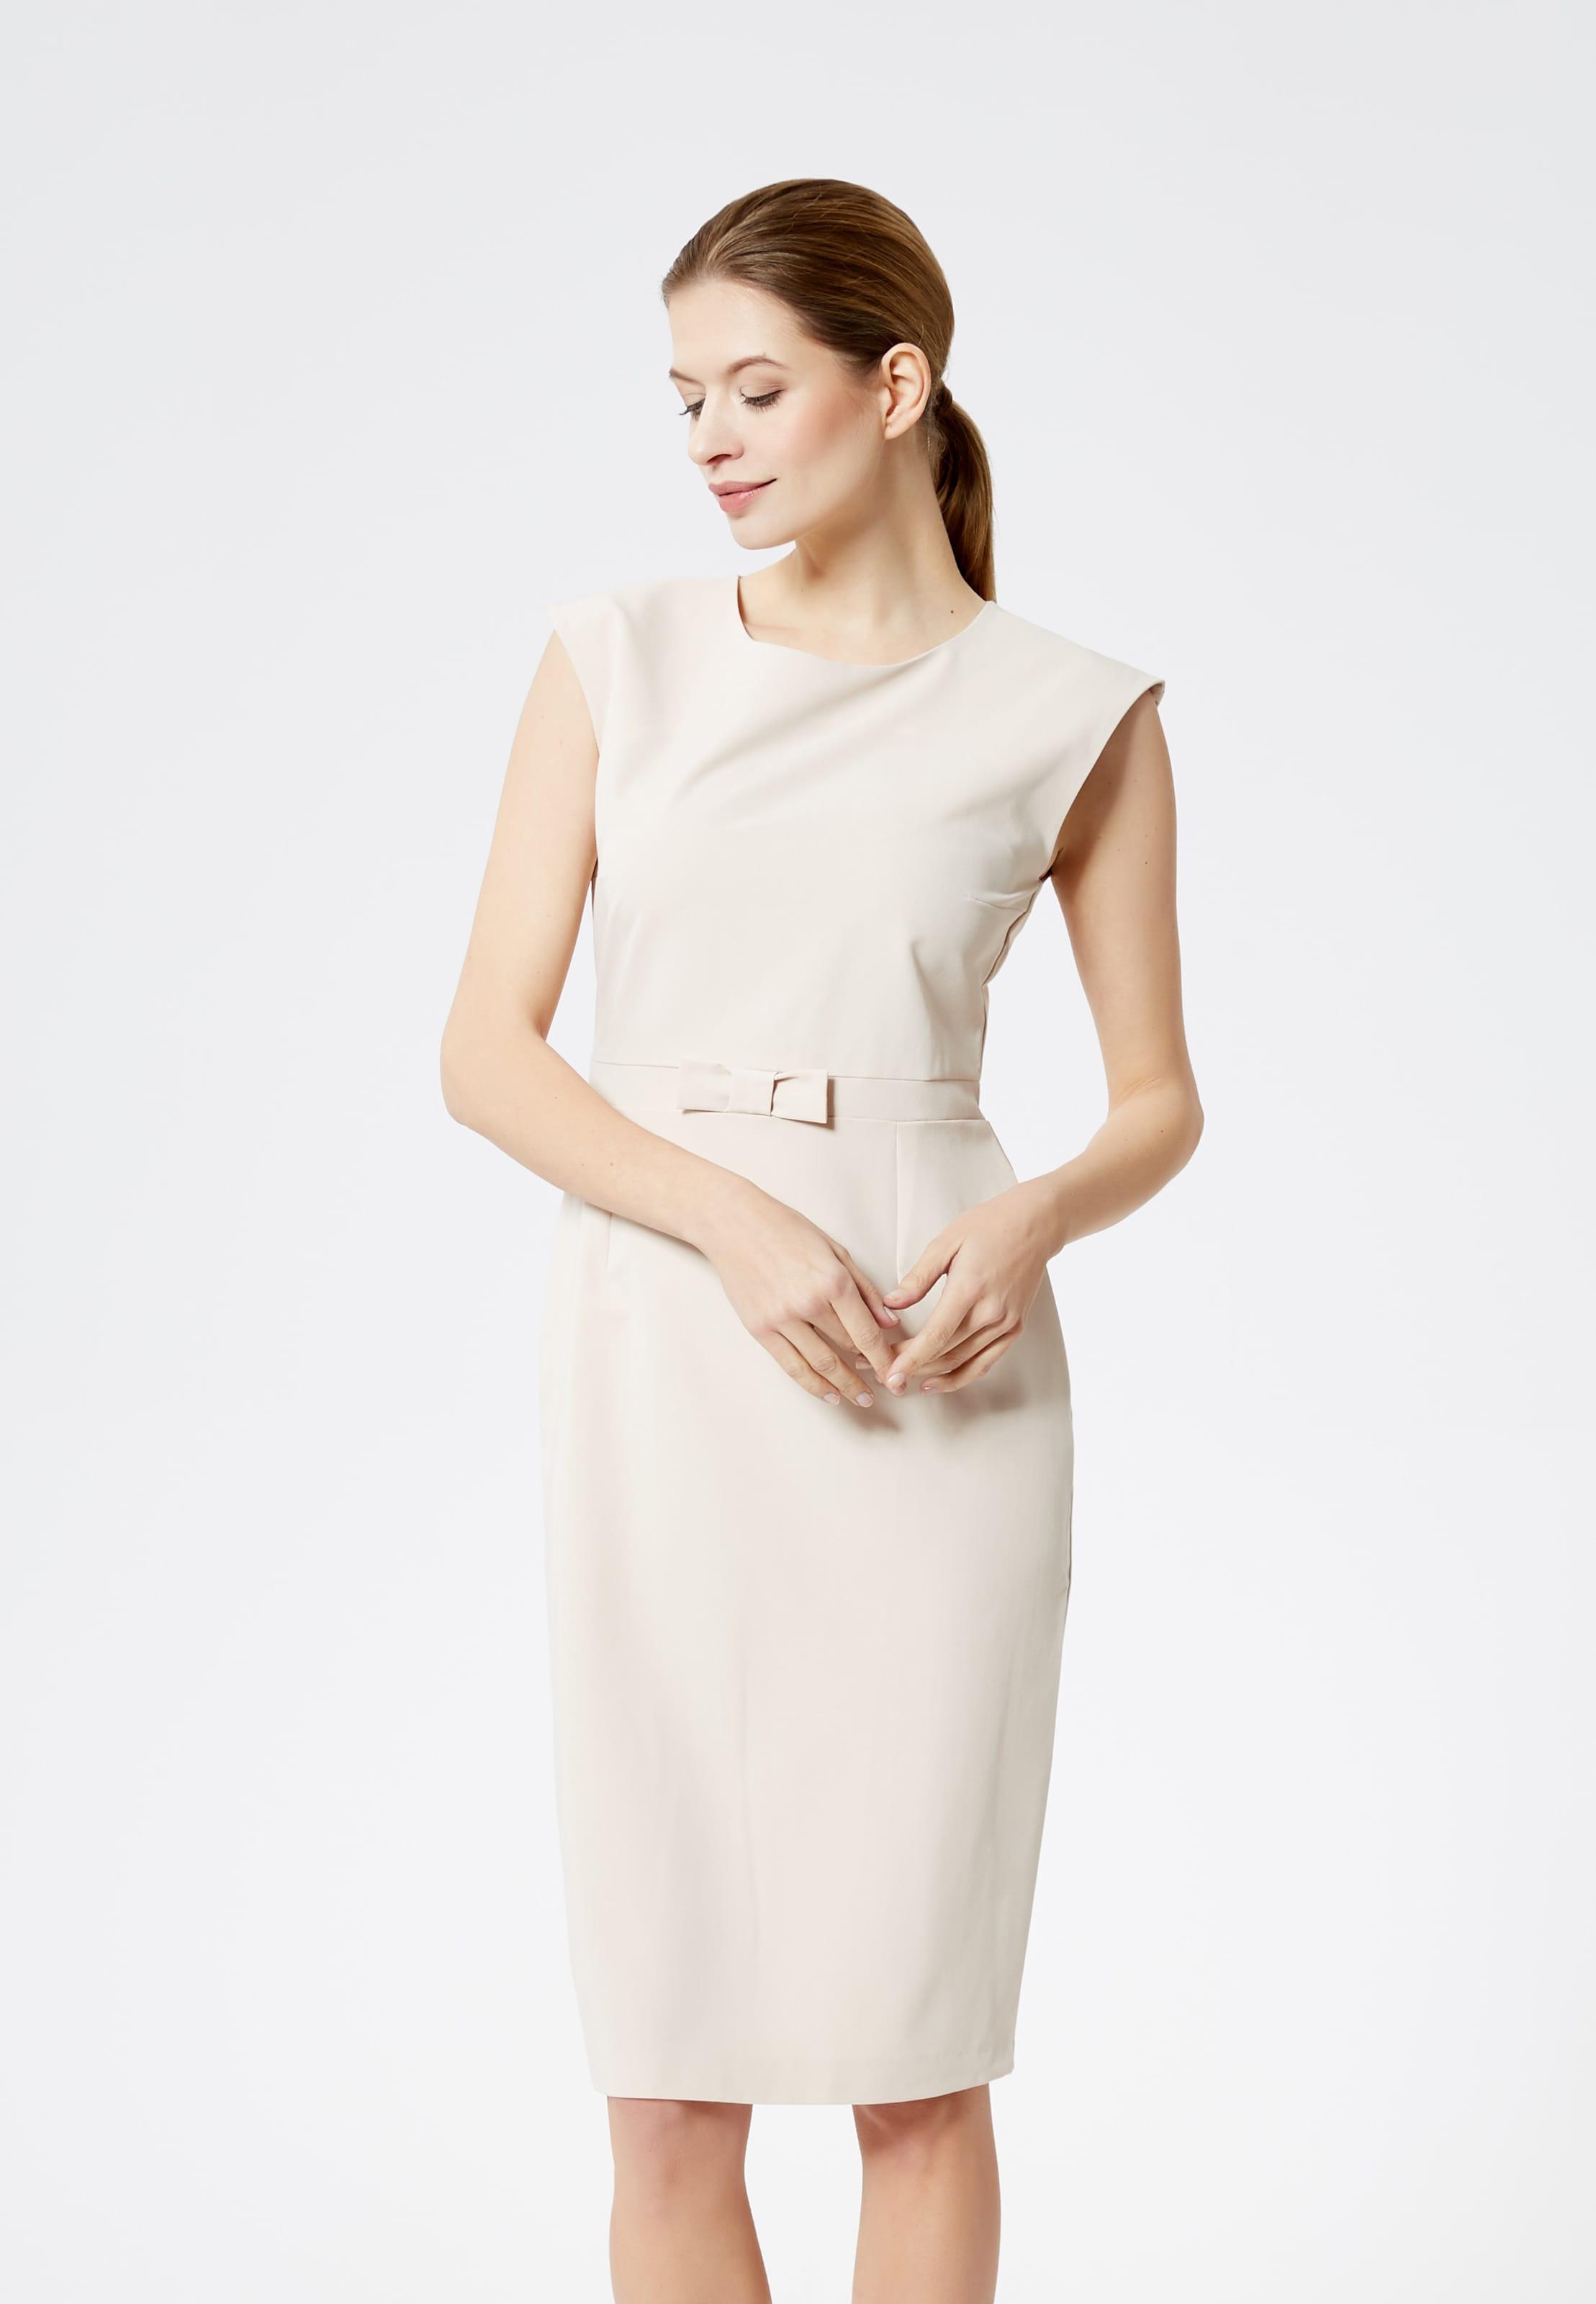 'klassik' Dreimaster Kleid Dreimaster Nude In 5q3jLR4A